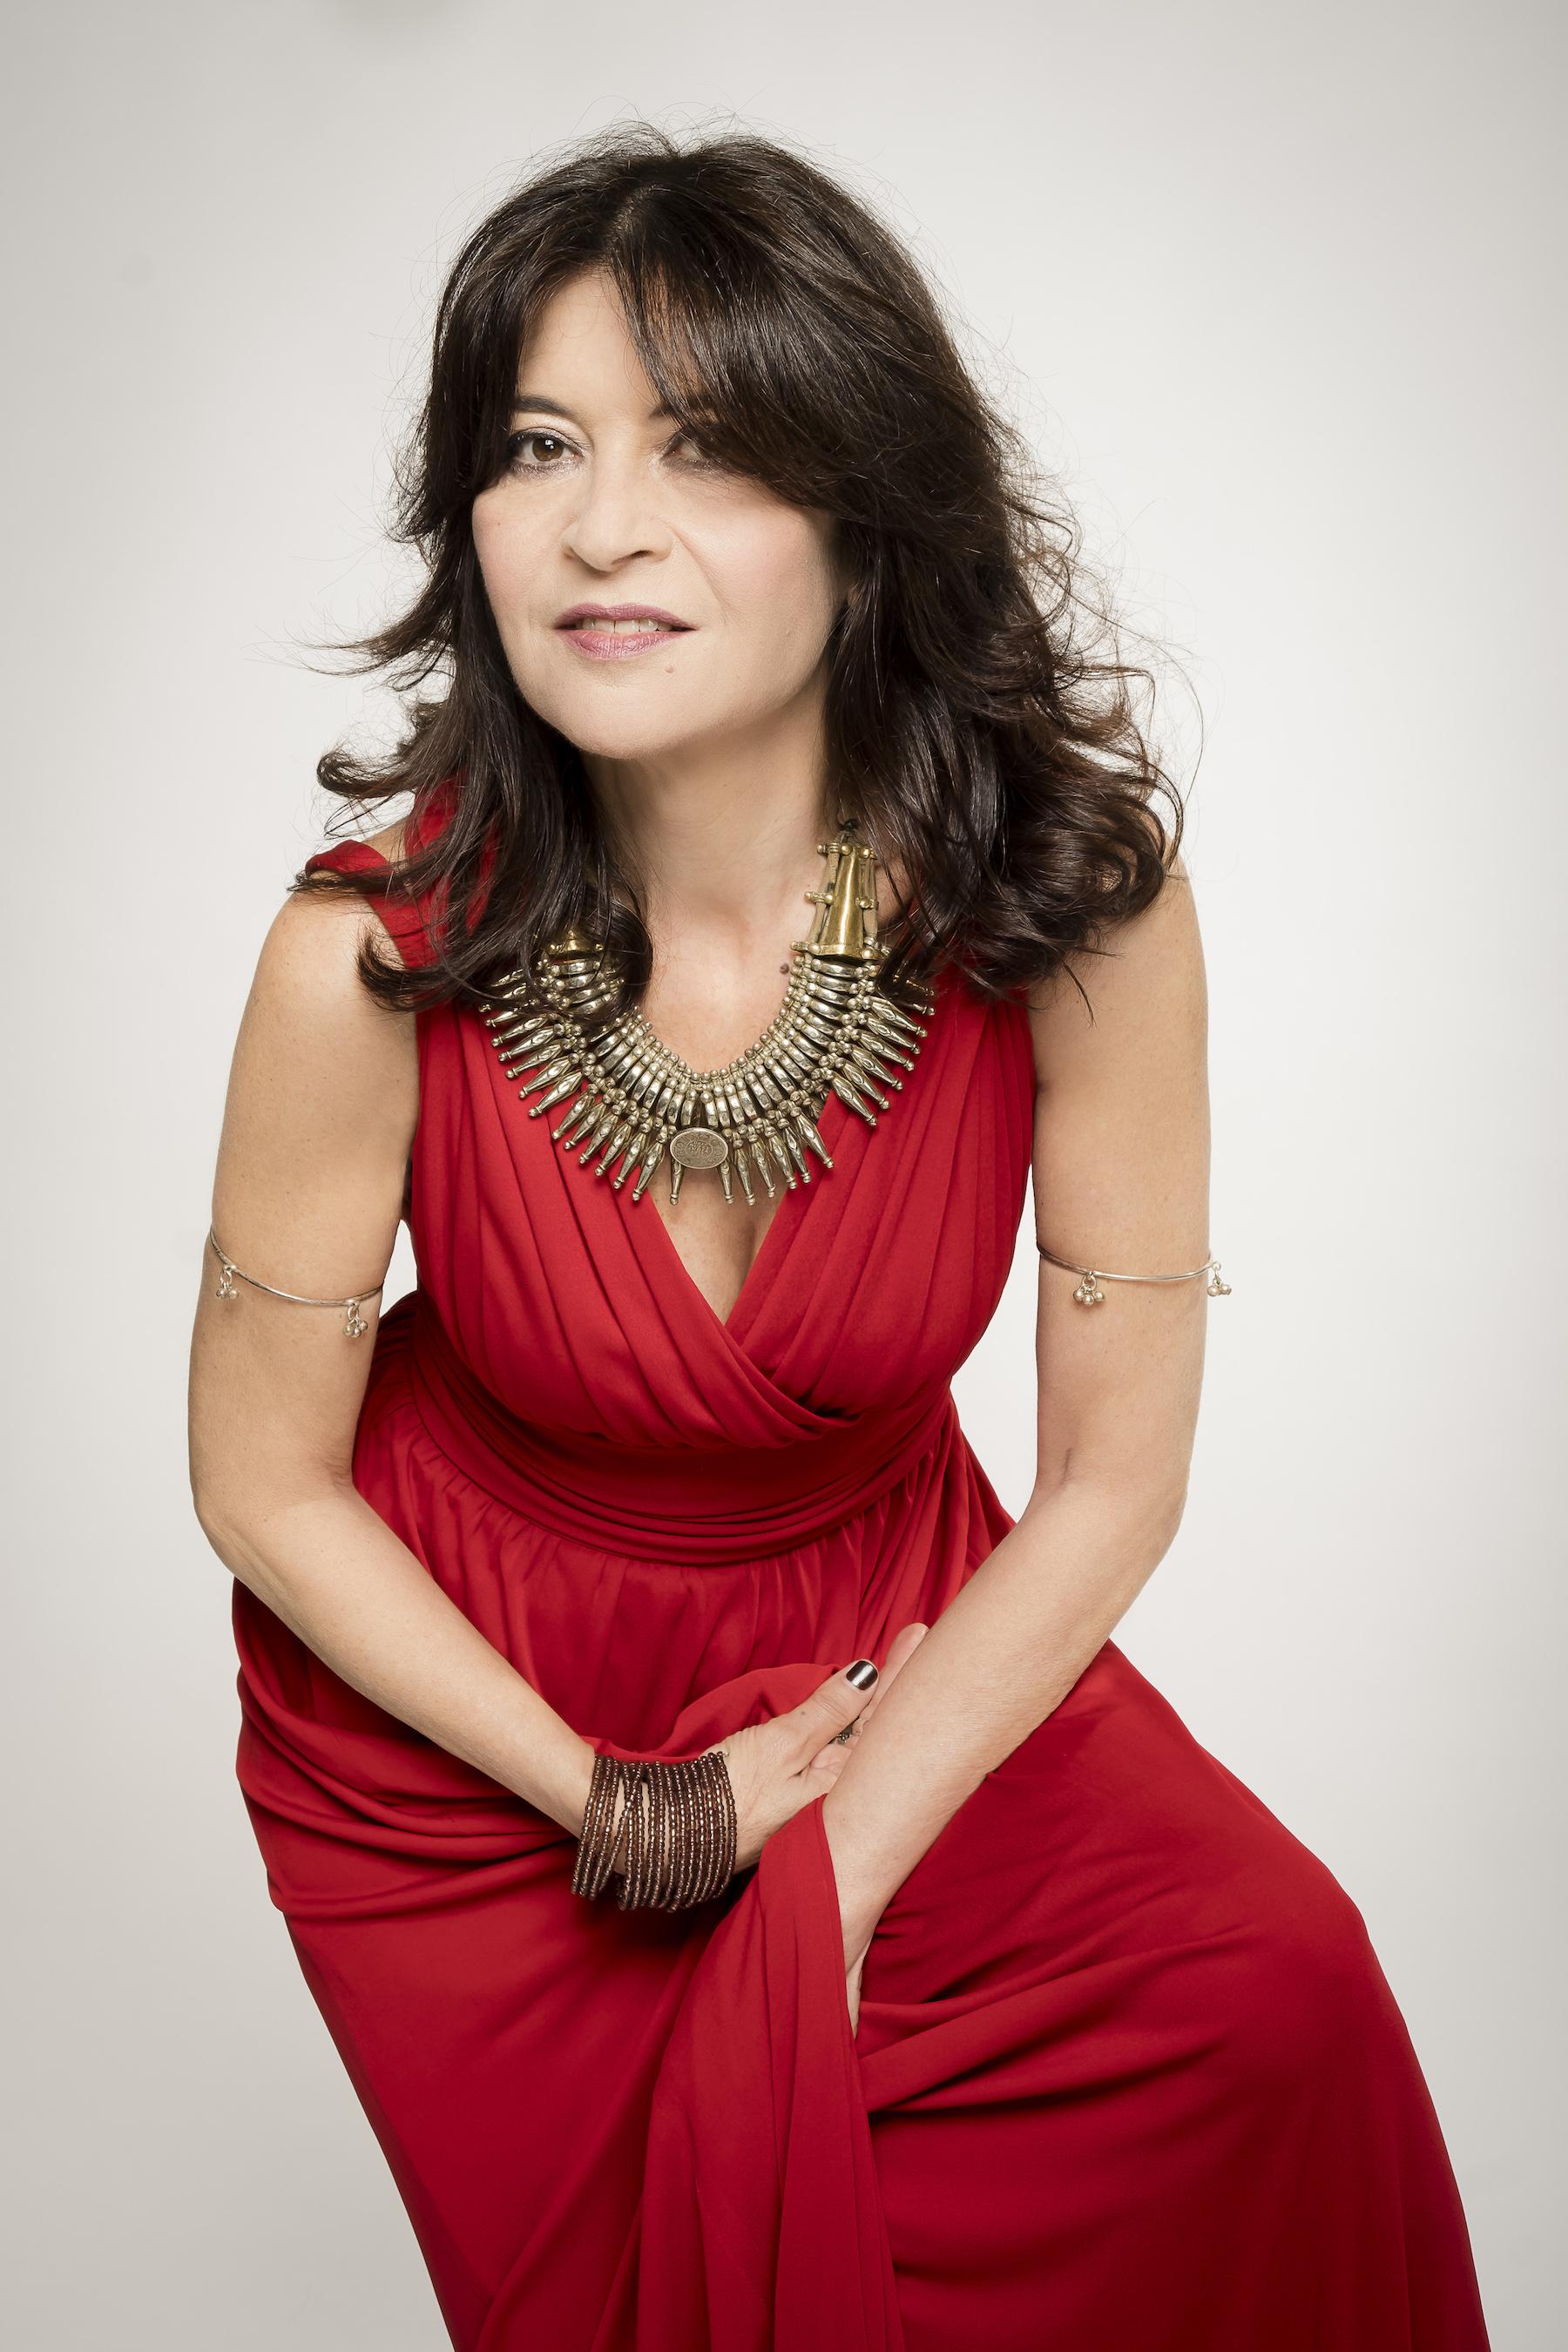 Ferragosto a Monte di Procida: a ritmo di jazz con Maria Pia de Vito